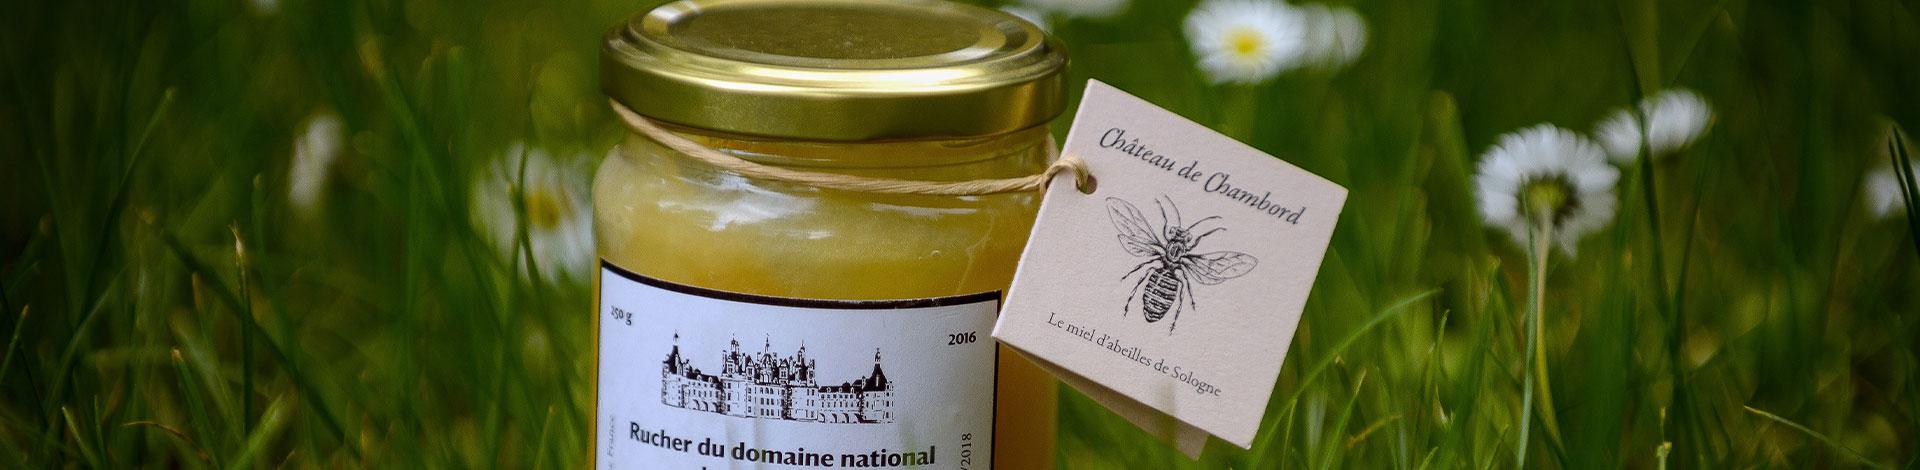 Le miel du domaine